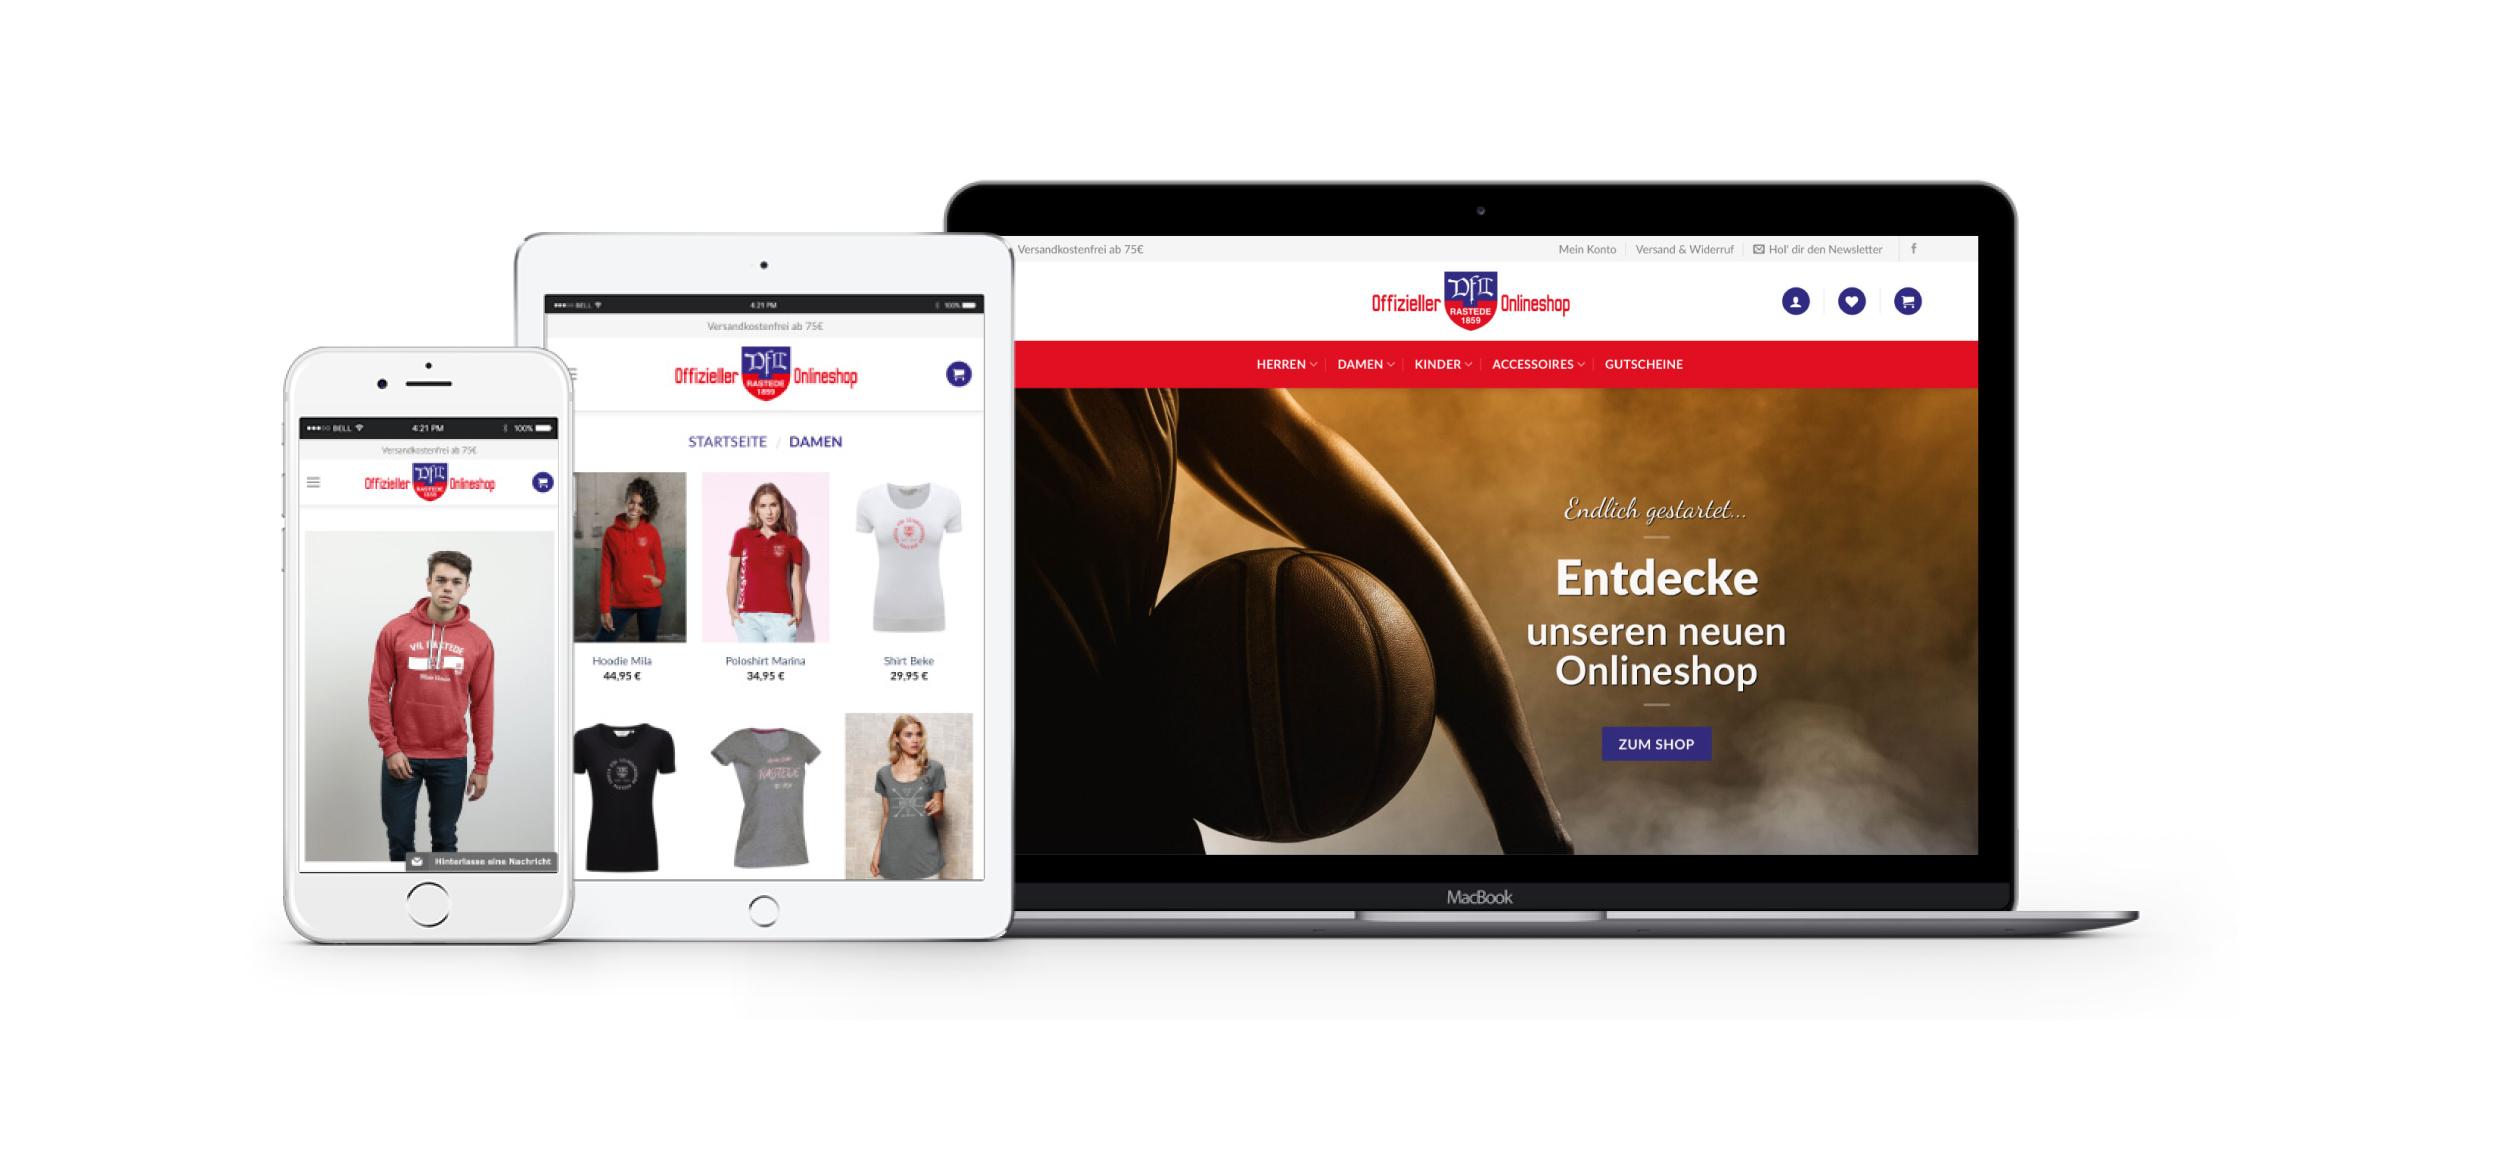 Fan12 wurde 2018 in Oldenburg mit dem Ziel gegründet, individuelle, kostenlose OnlineShops für Amateurvereine zu erstellen. Damit leistet das junge Unternehmen einen wichtigen Beitrag zur Stärkung der Identifikation von Vereinsmitgliedern mit ihrem Sportverein.